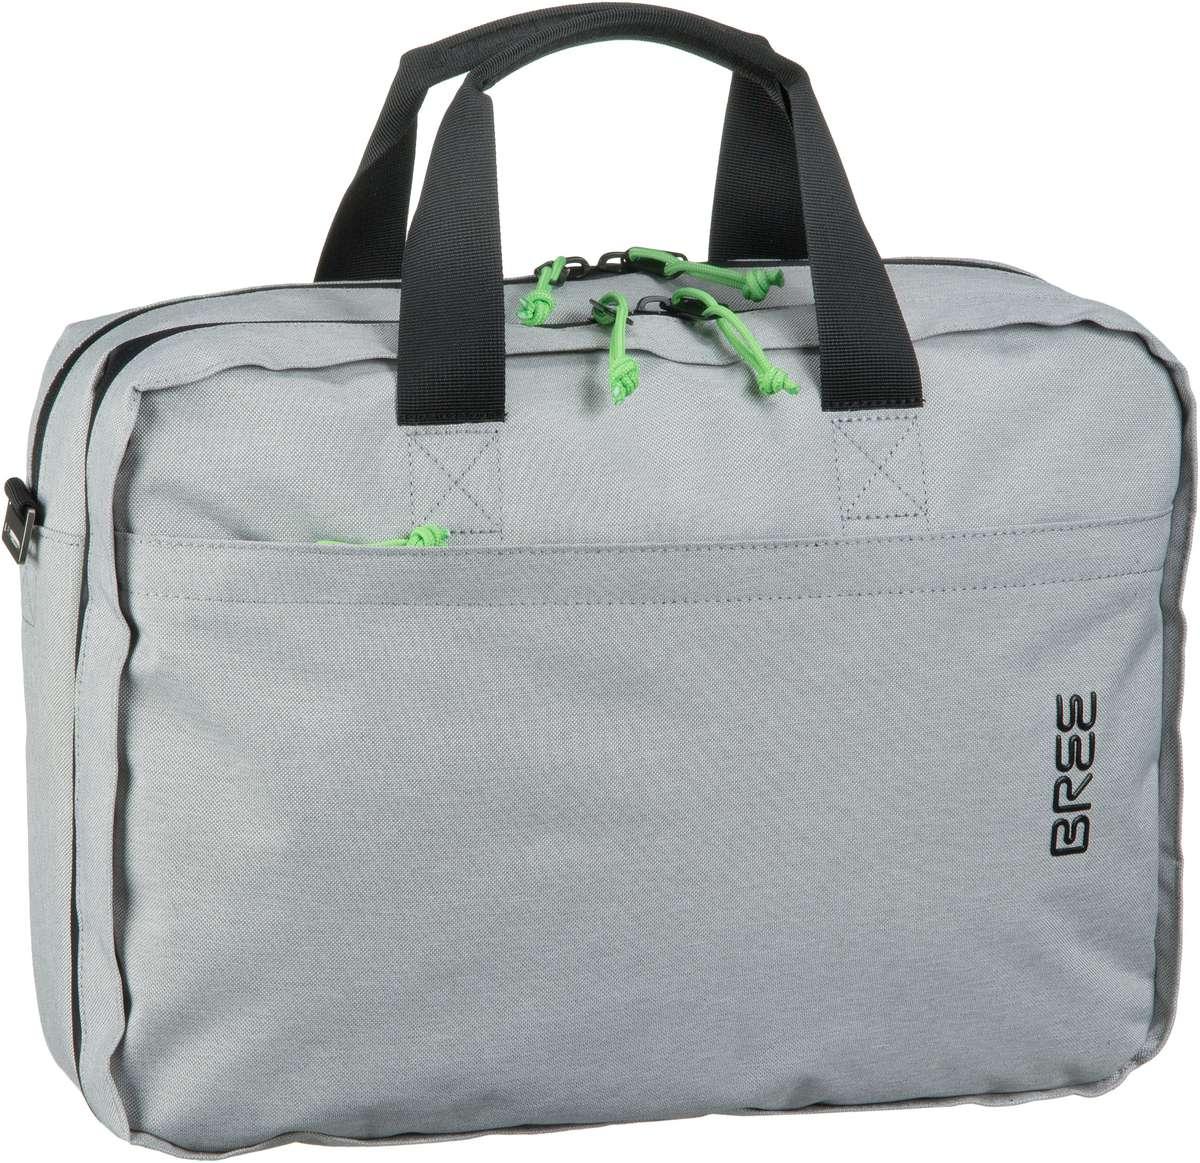 Businesstaschen für Frauen - Bree Punch Style 67 Light Grey Aktentasche  - Onlineshop Taschenkaufhaus